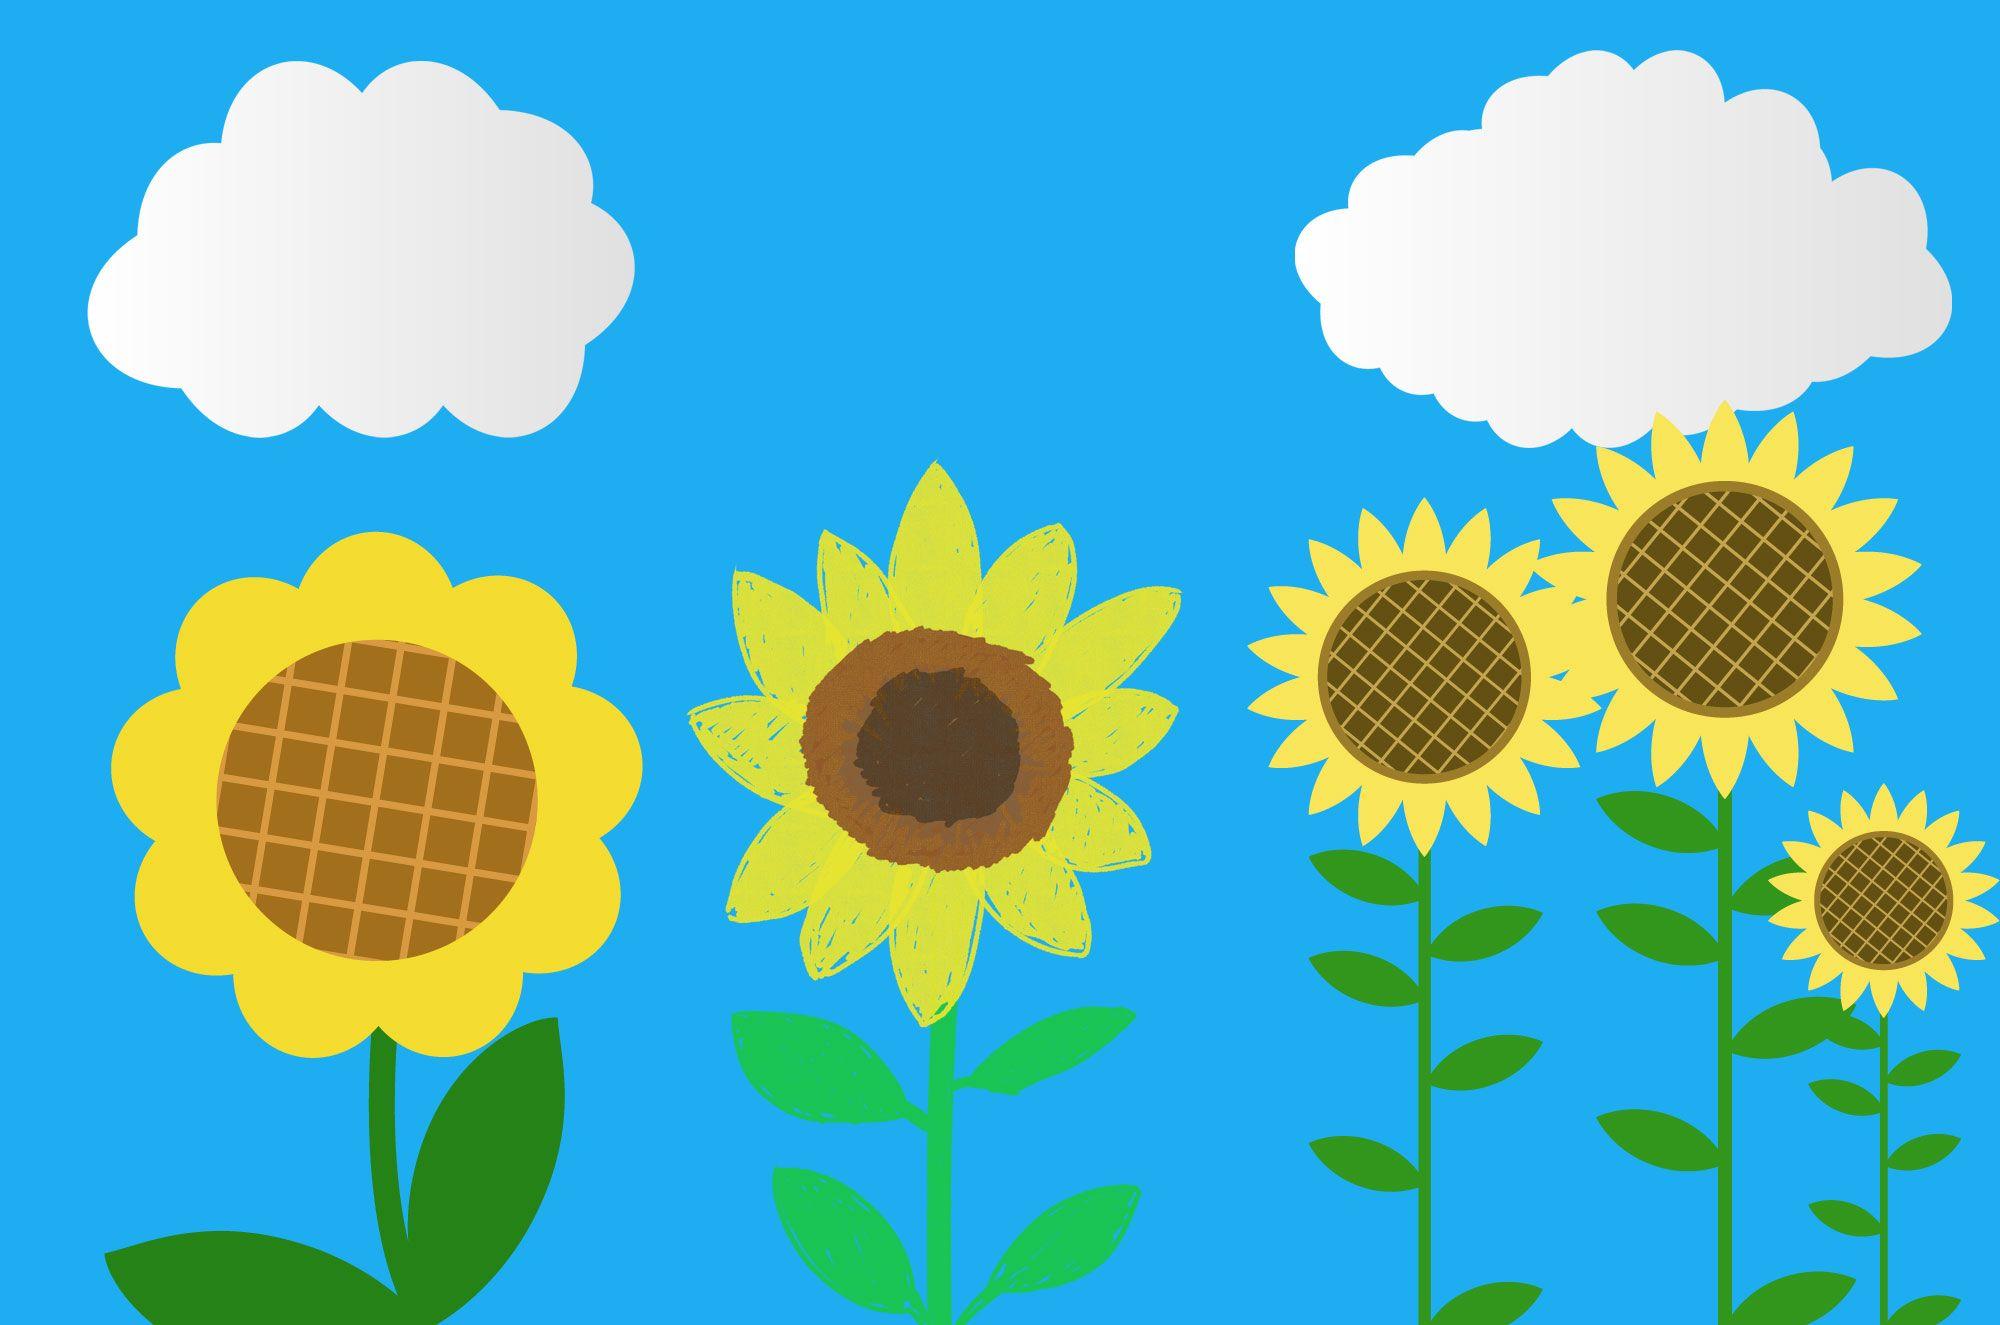 ひまわりイラスト フリーで使える可愛い向日葵素材 チコデザ 花 イラスト 無料 花 イラスト 向日葵 イラスト